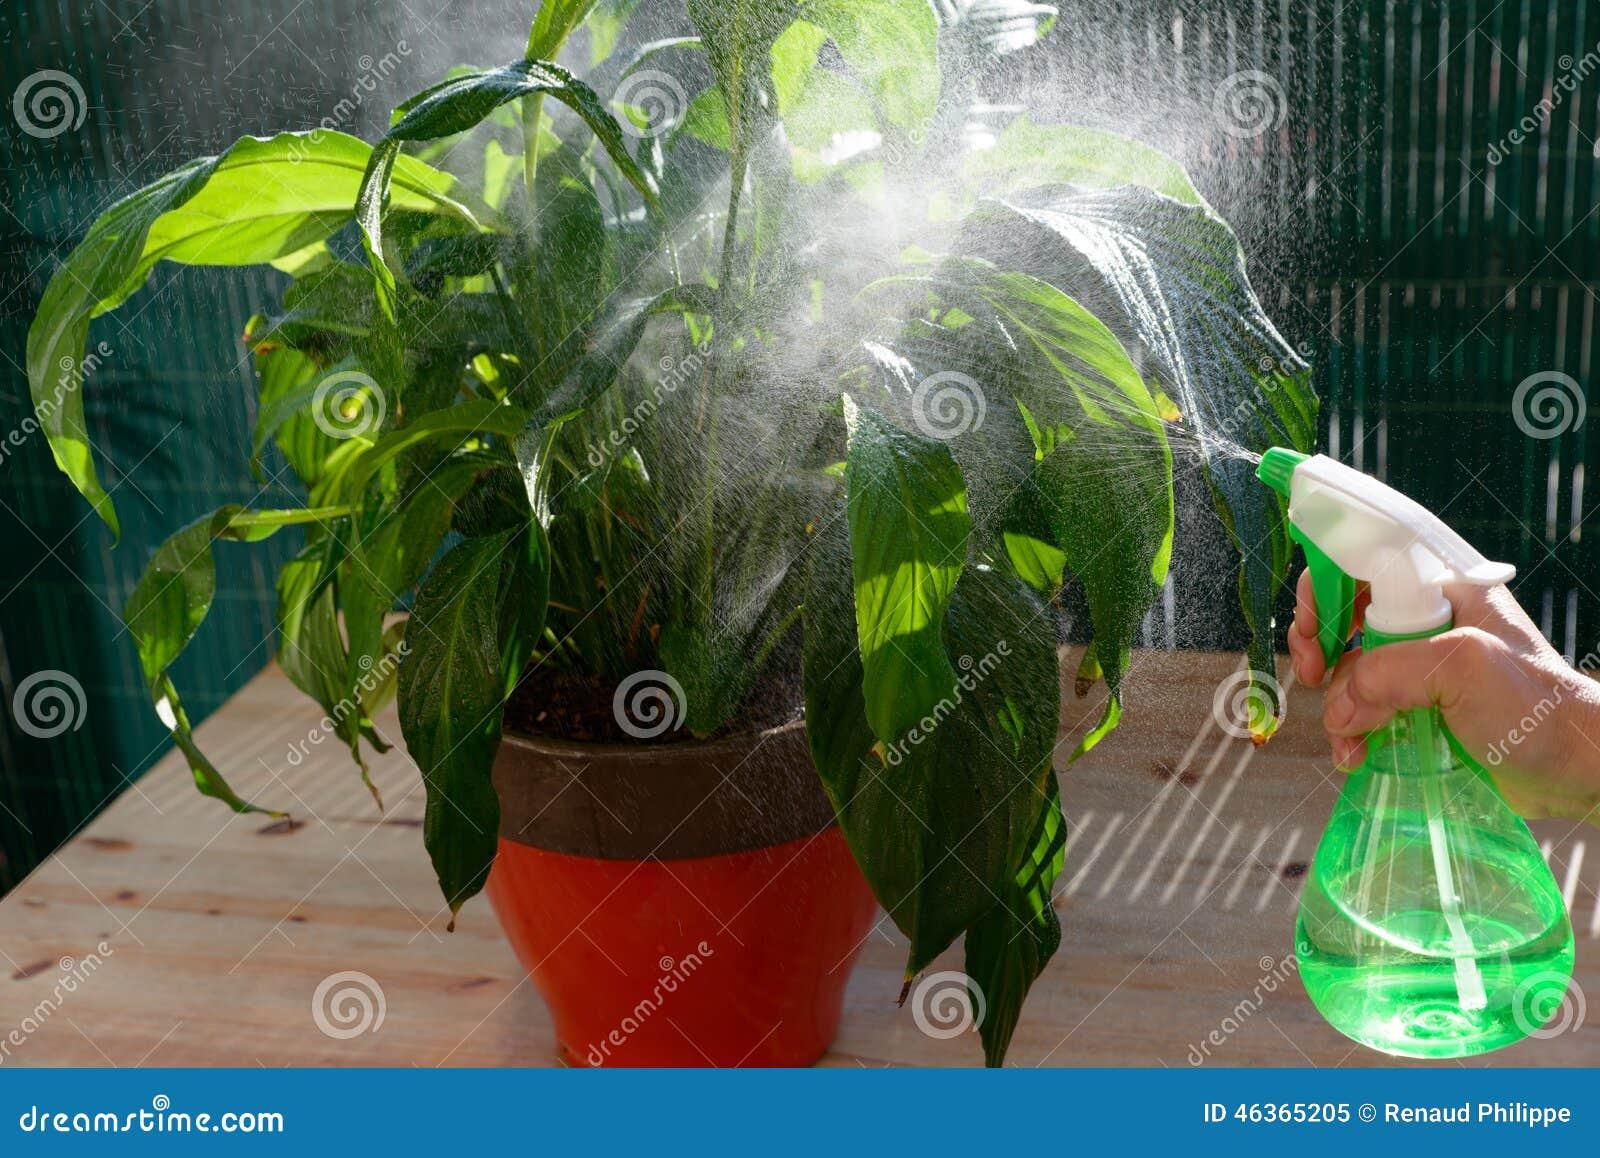 plantes d'intérieur de arrosage de femme avec un pulvérisateur image